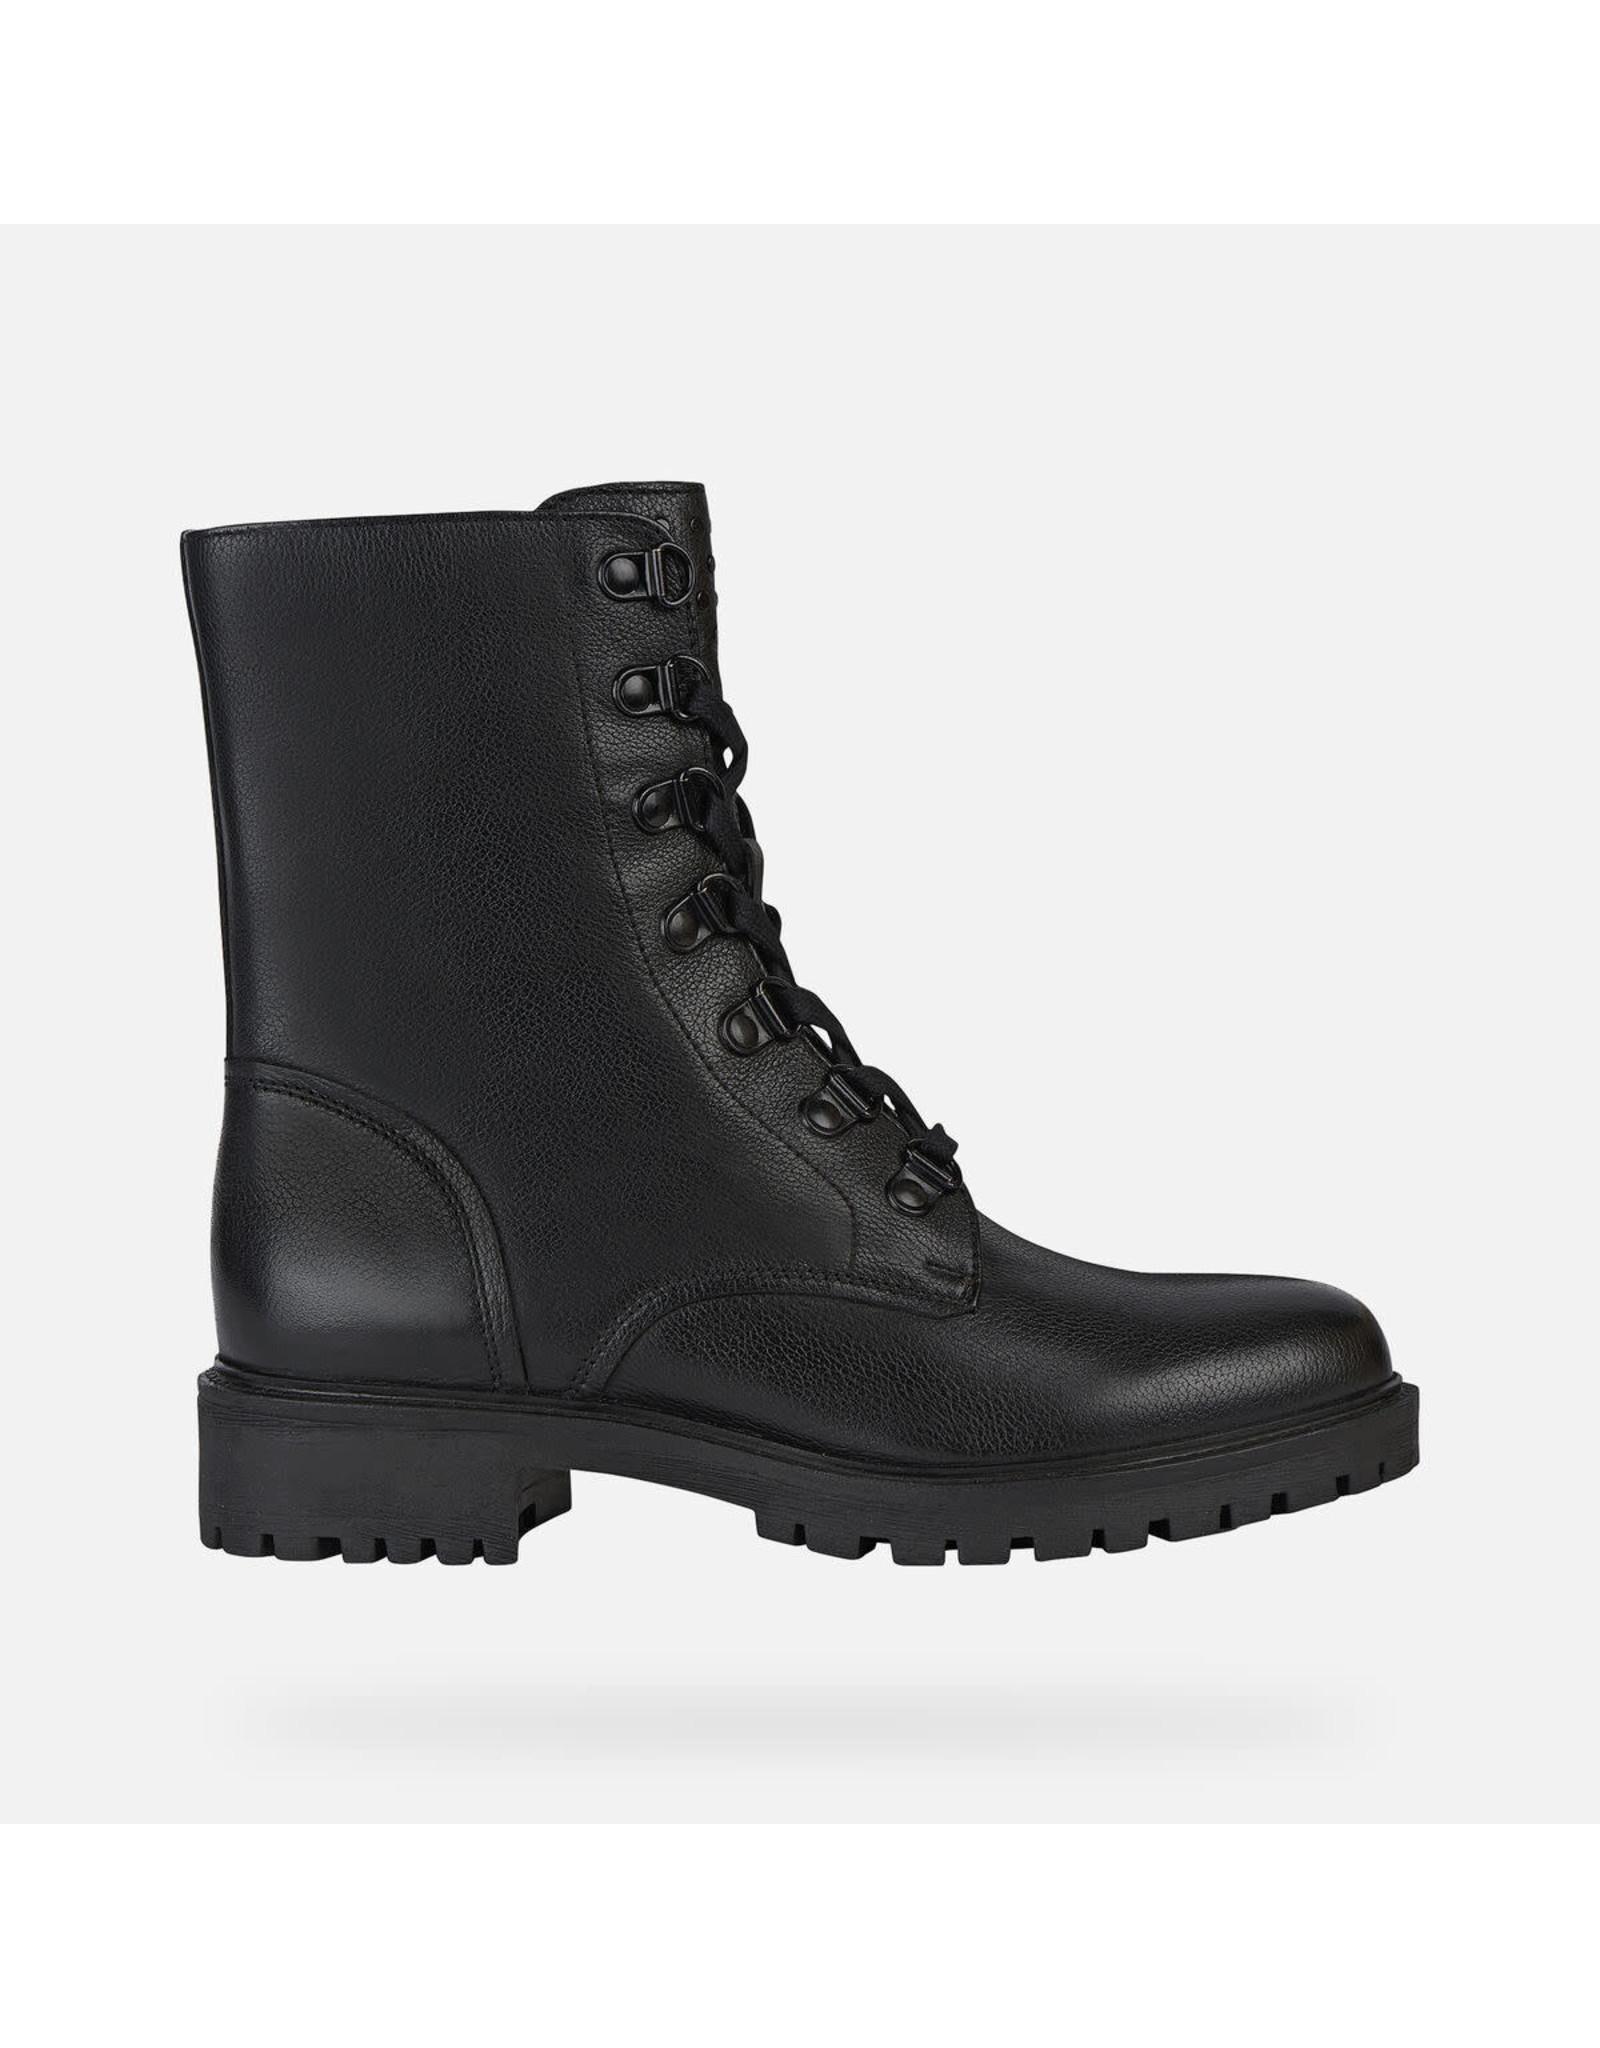 Geox Hoara c9999 black